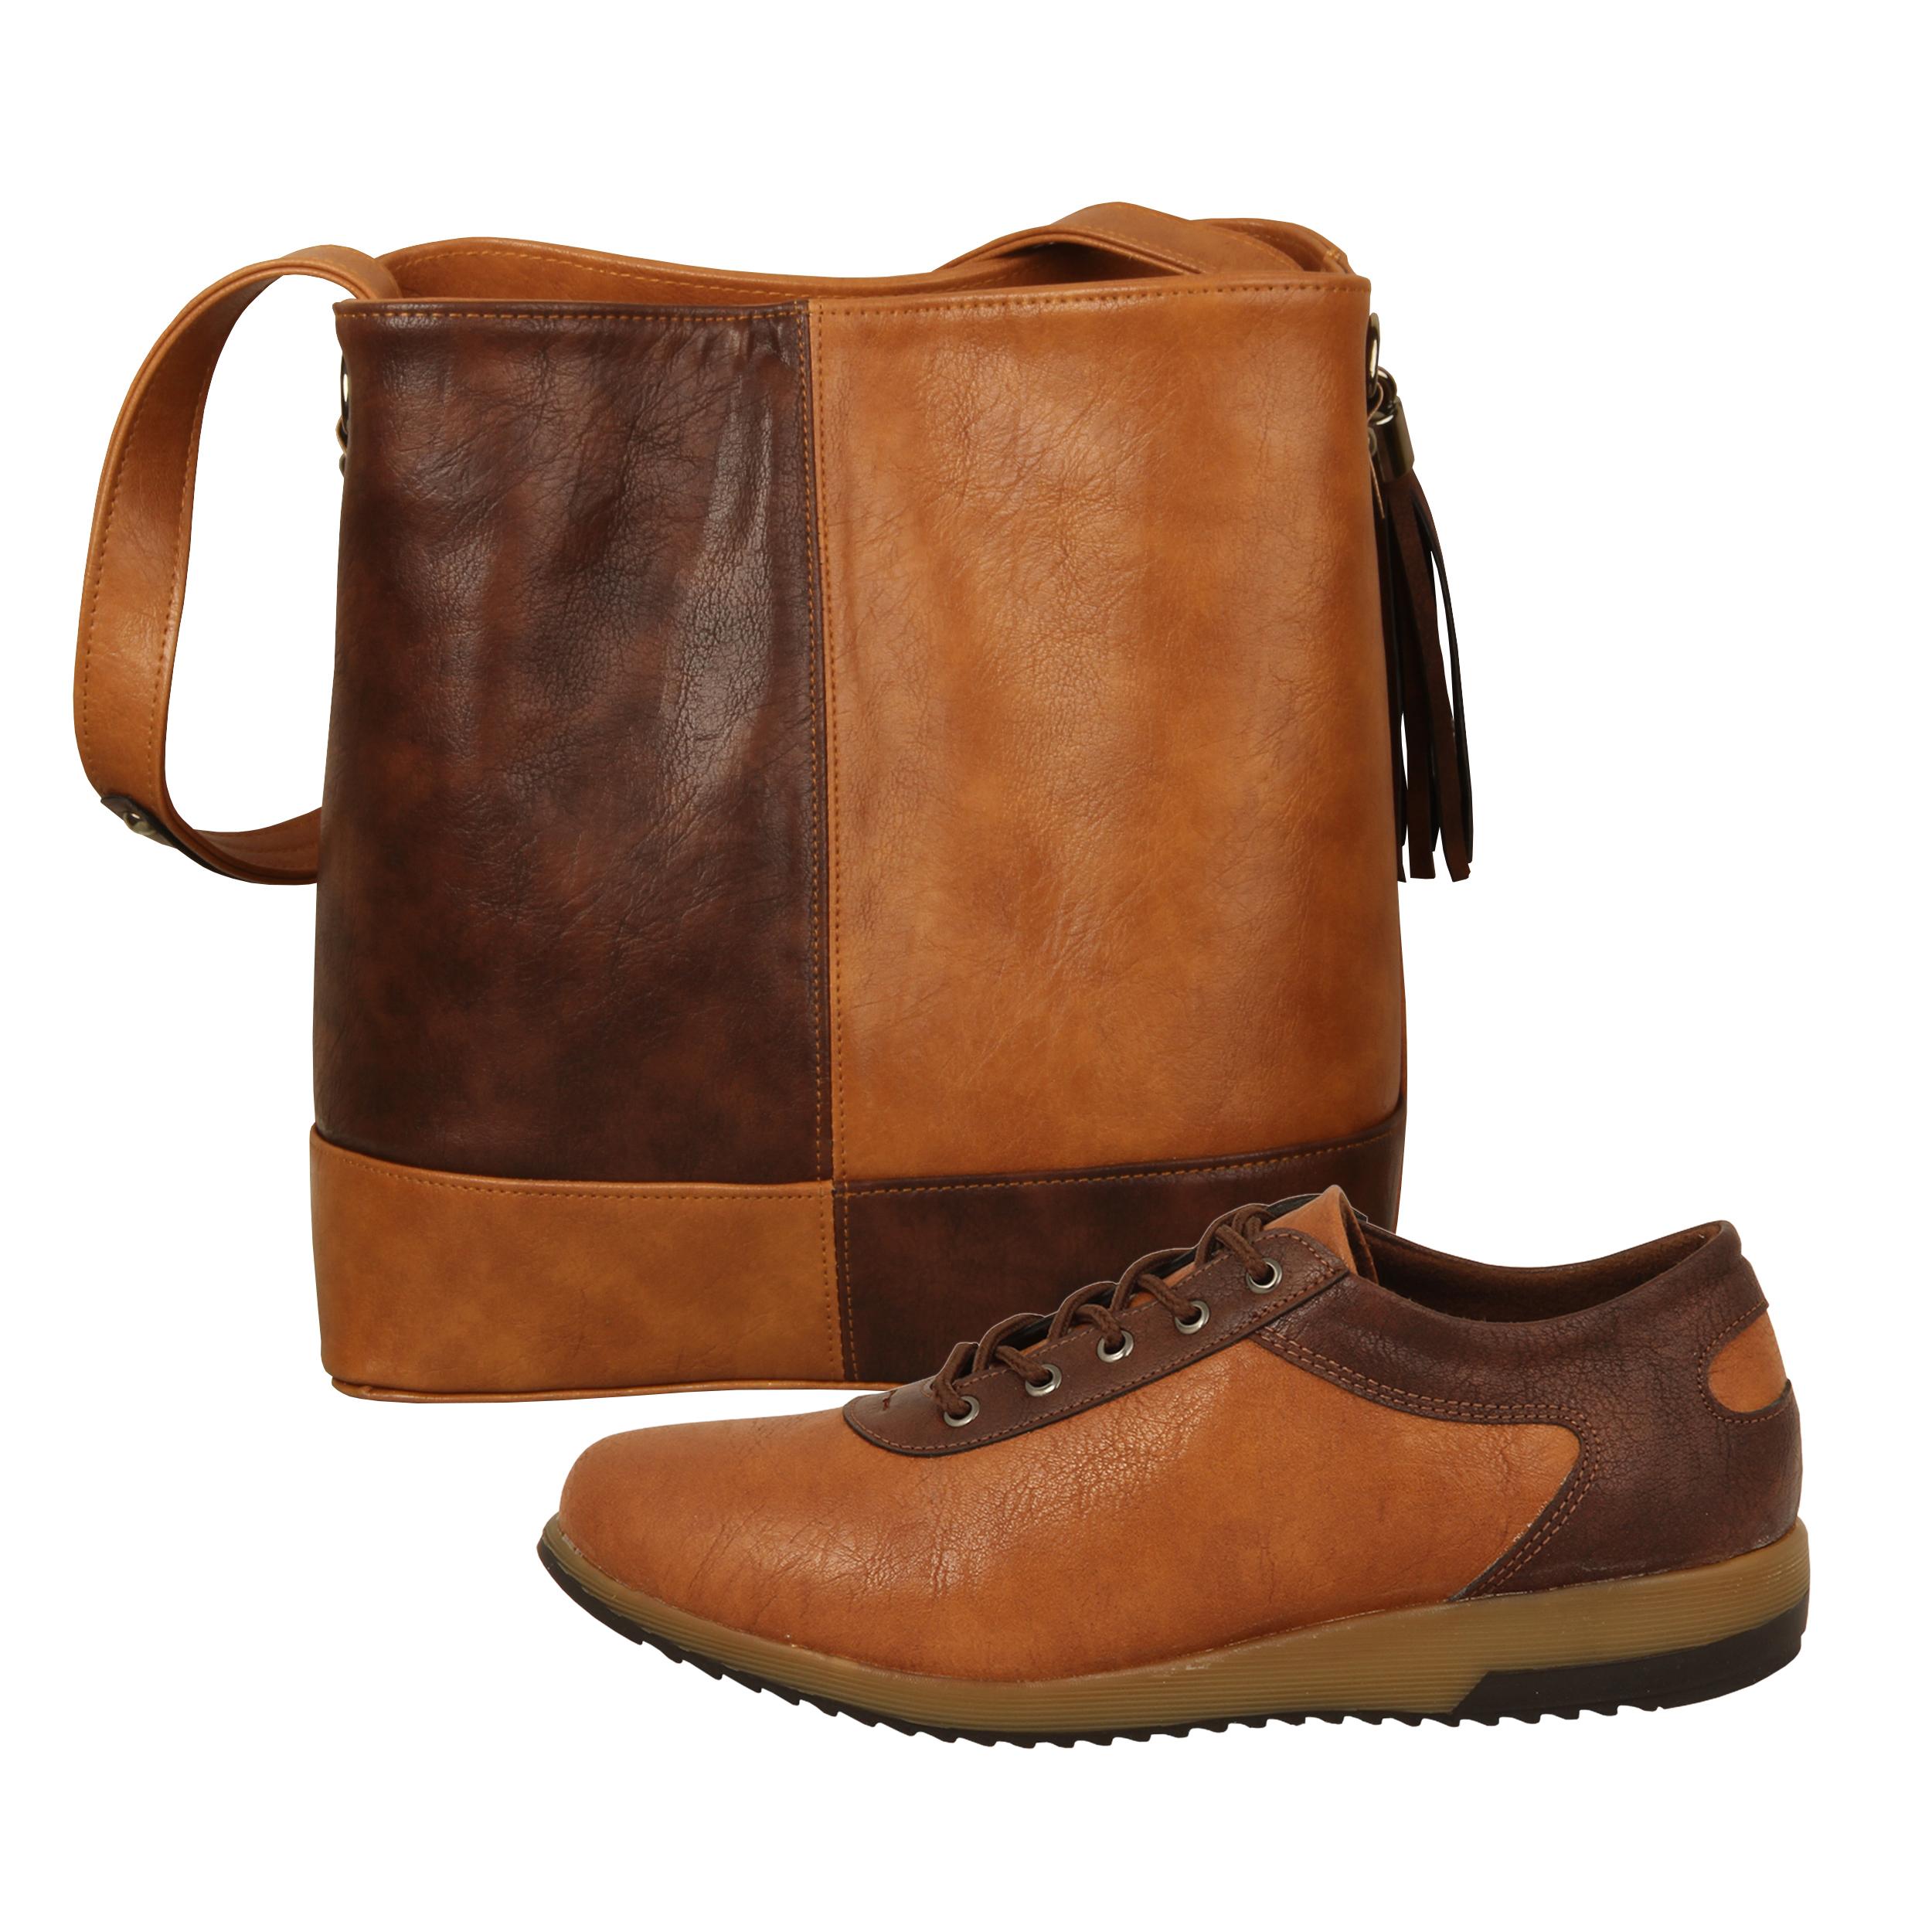 ست کیف و کفش زنانه باب مدل ثمین کد 928-1